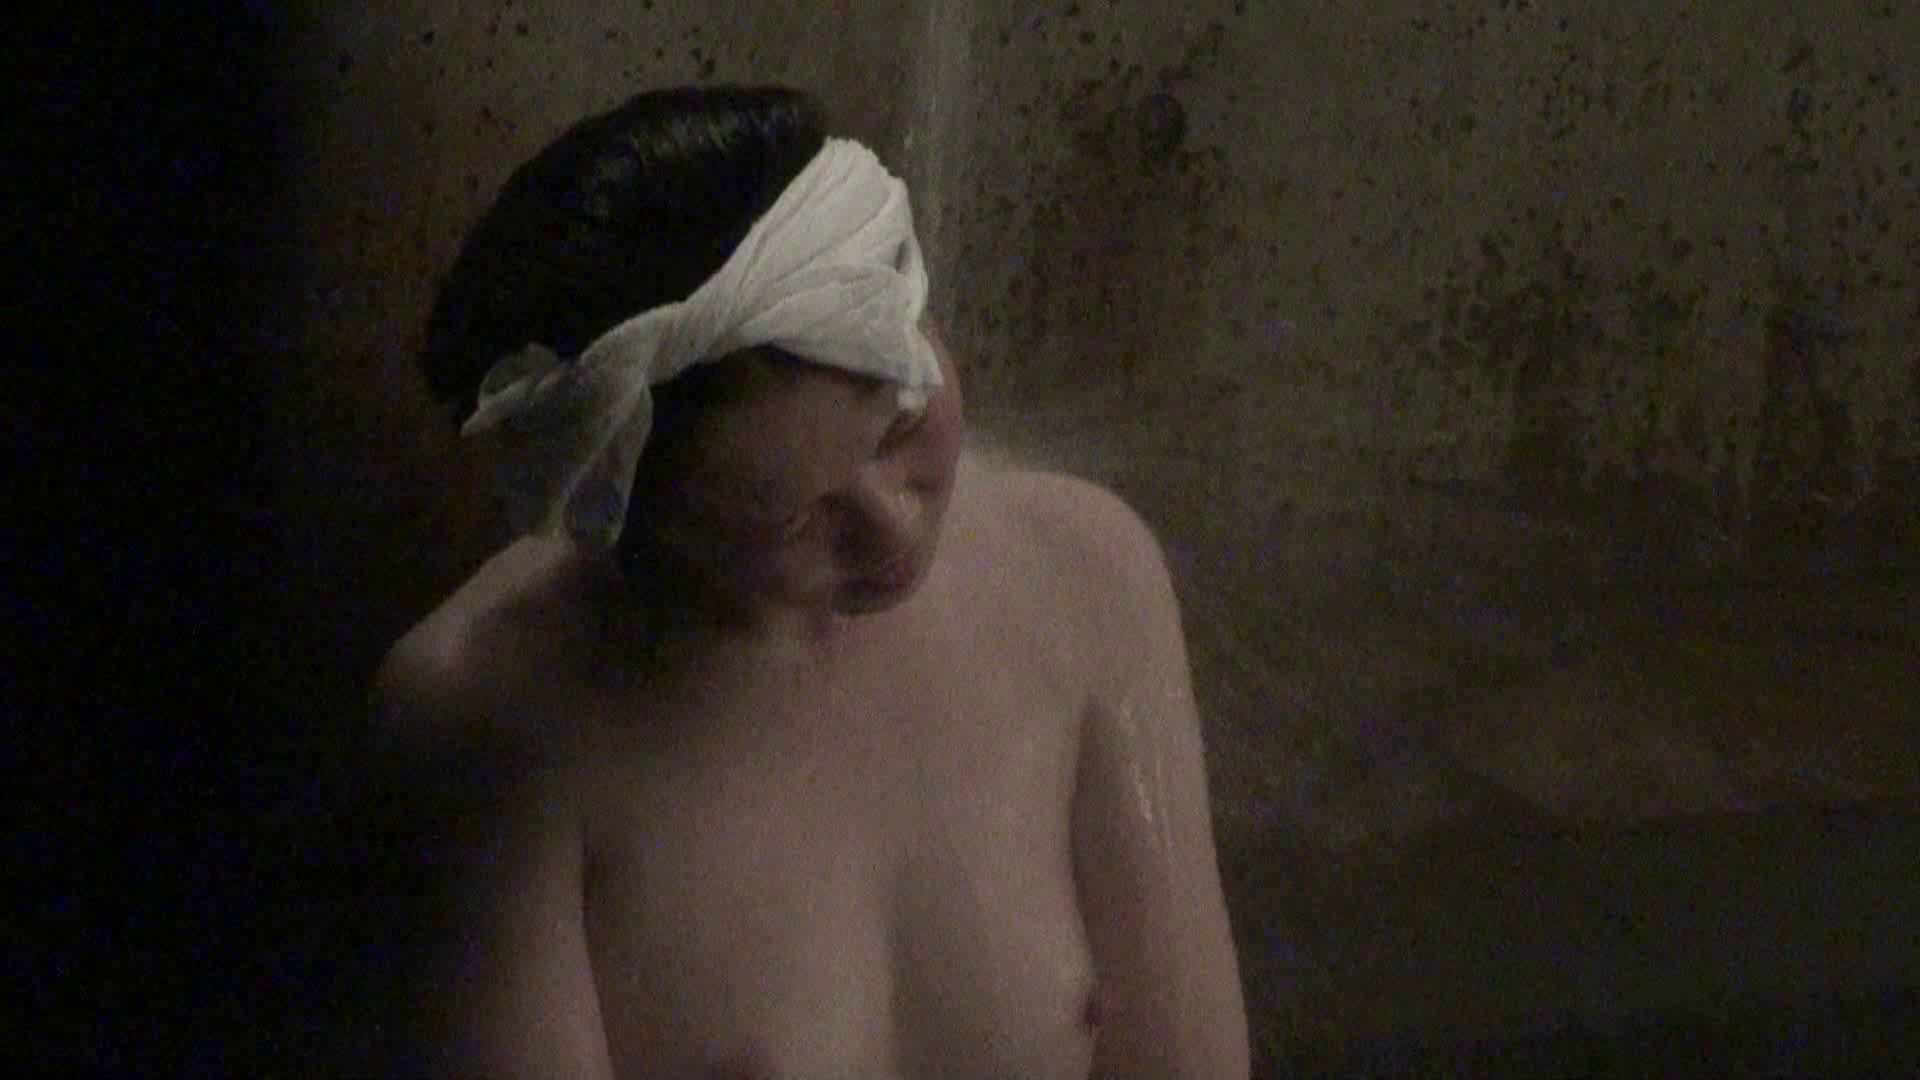 Aquaな露天風呂Vol.322 綺麗なOLたち | 盗撮  111枚 52